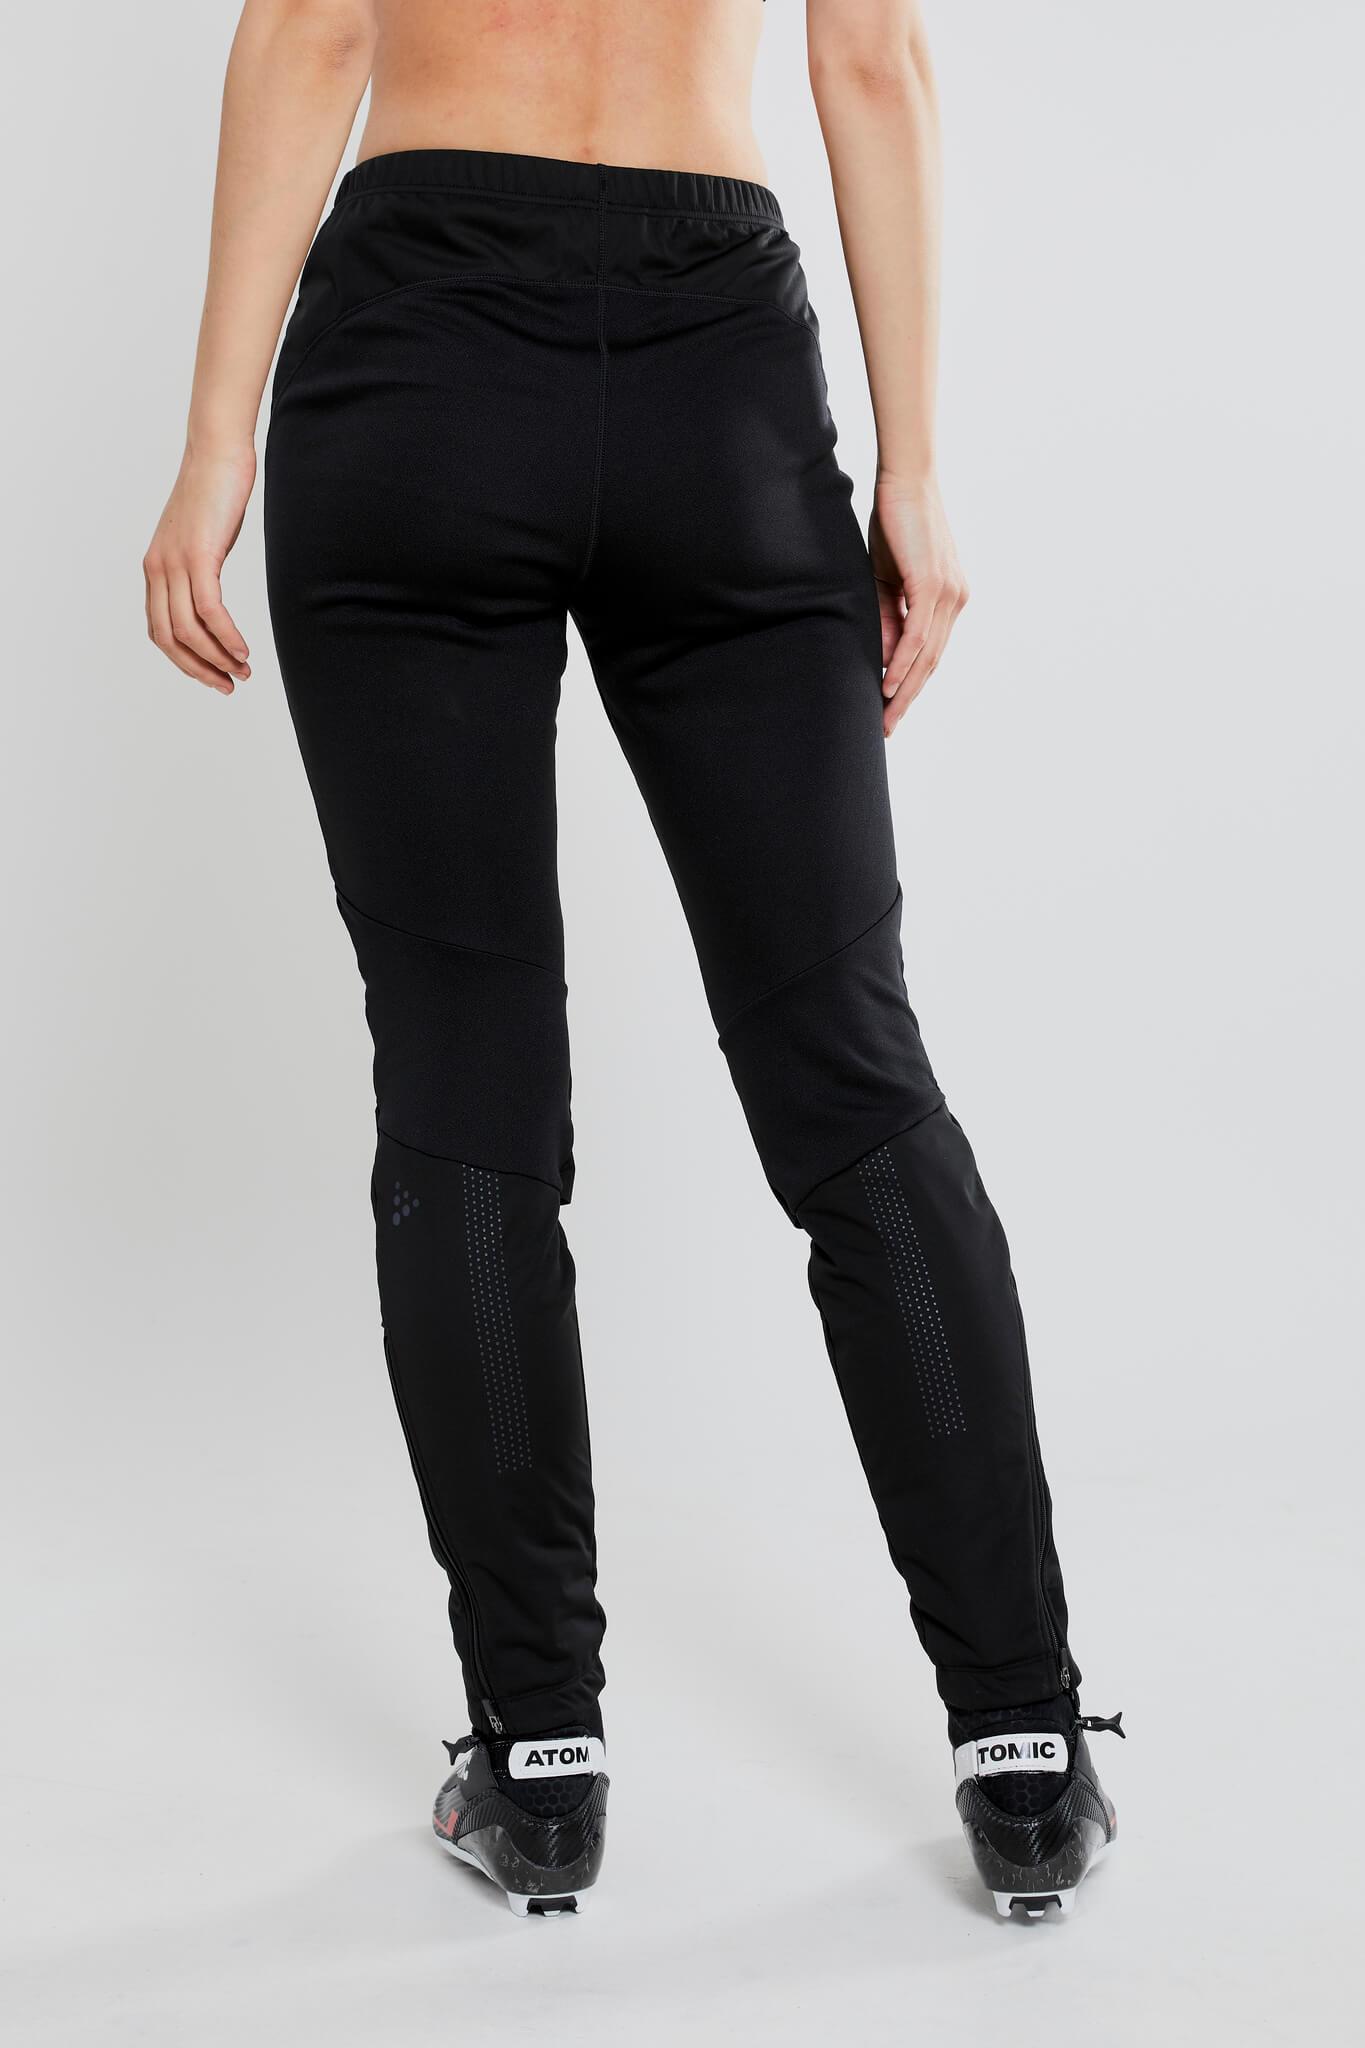 Craft Storm Balance лыжные штаны женские черные - 3